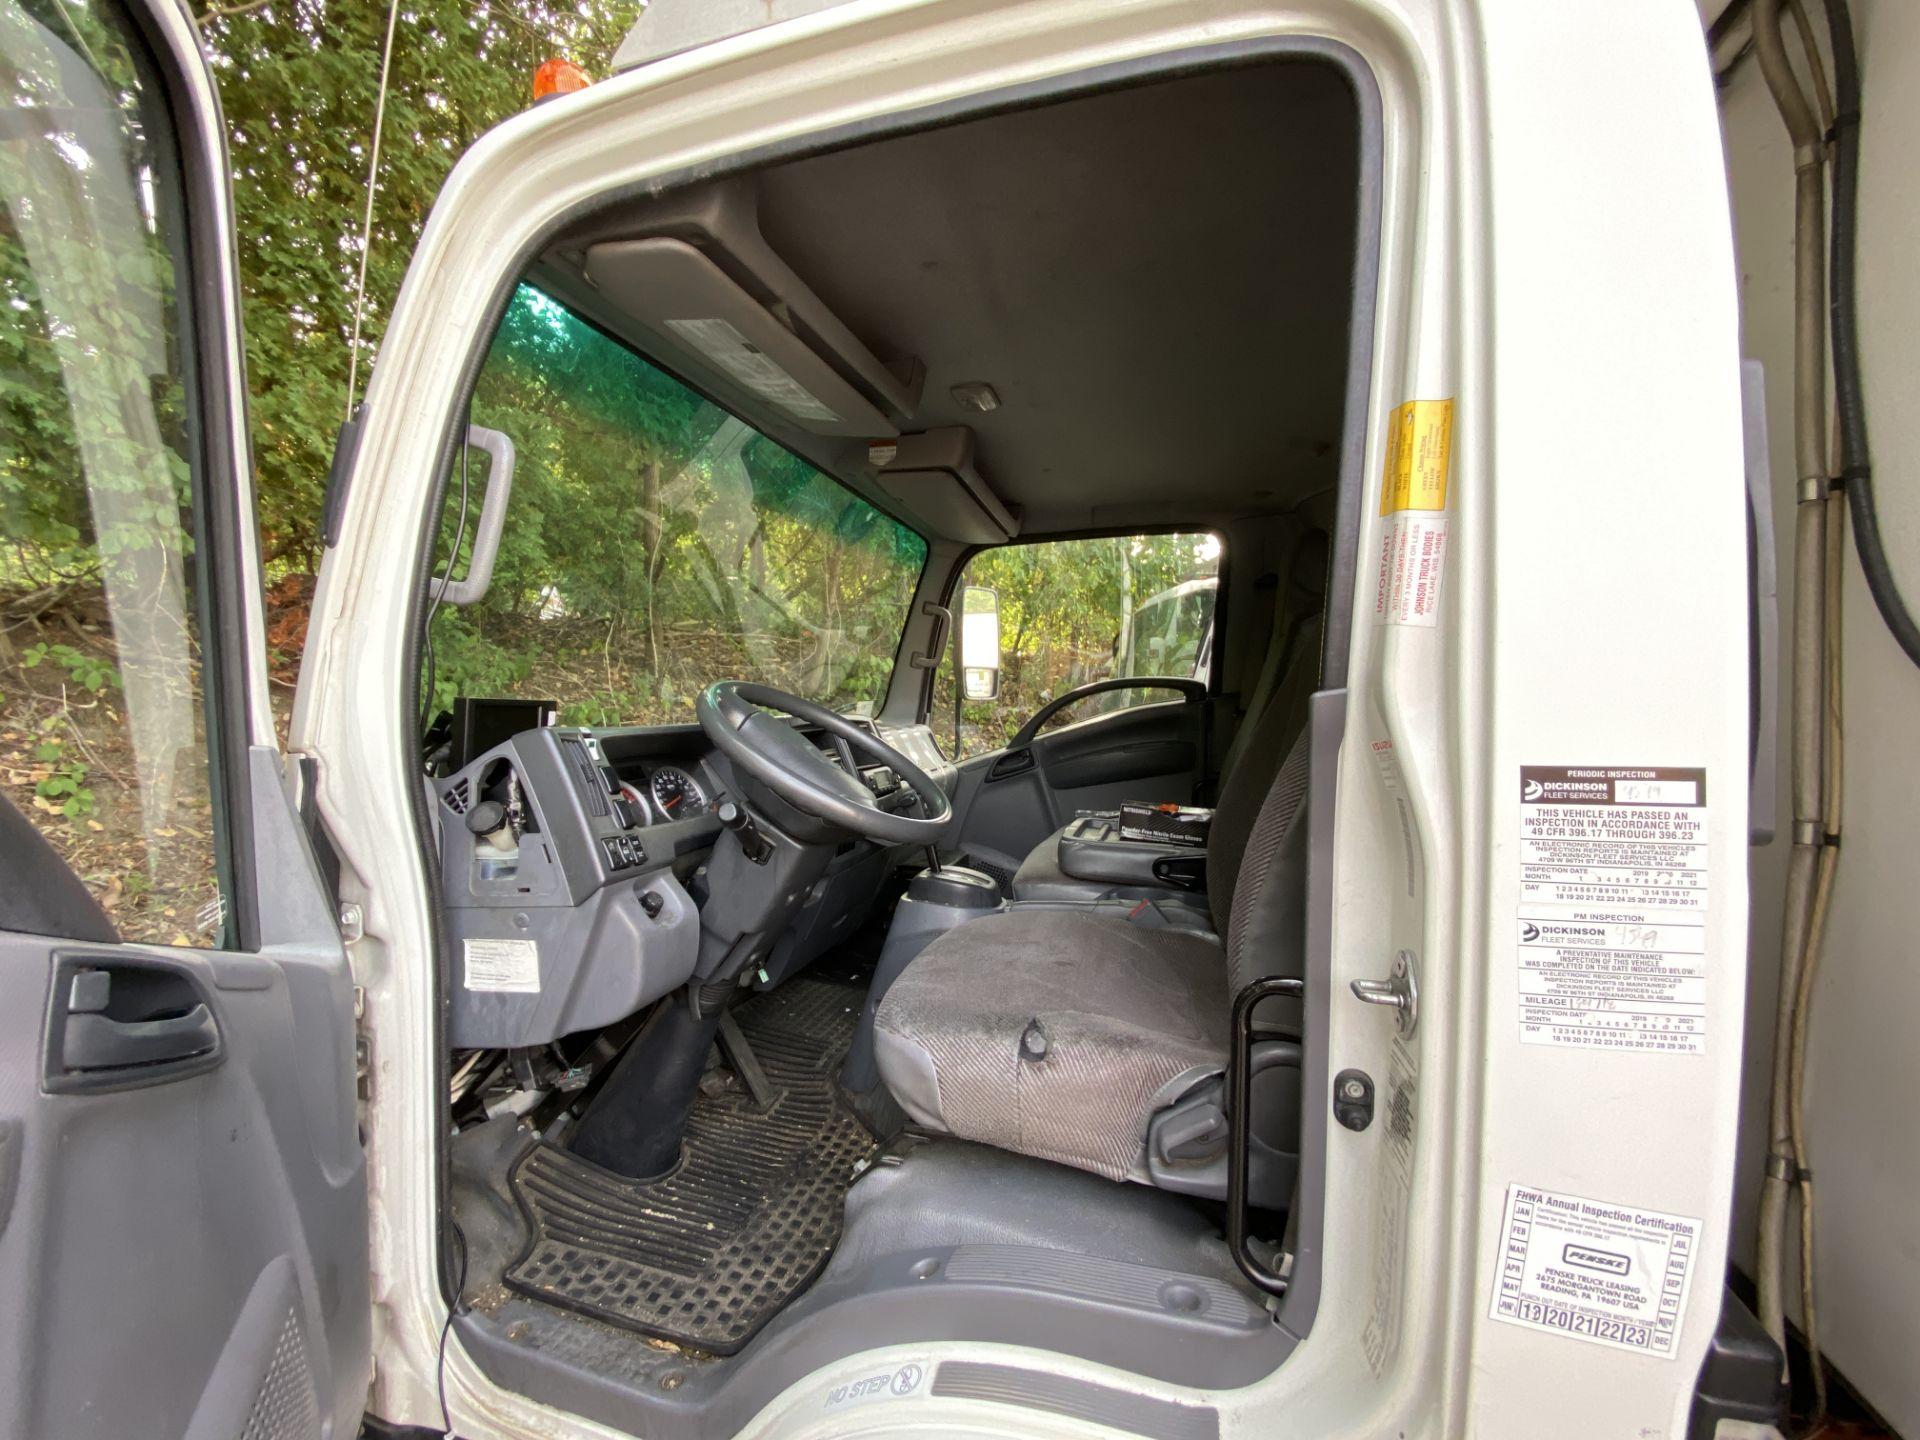 2013 Isuzu refrigerated truck - Image 7 of 9